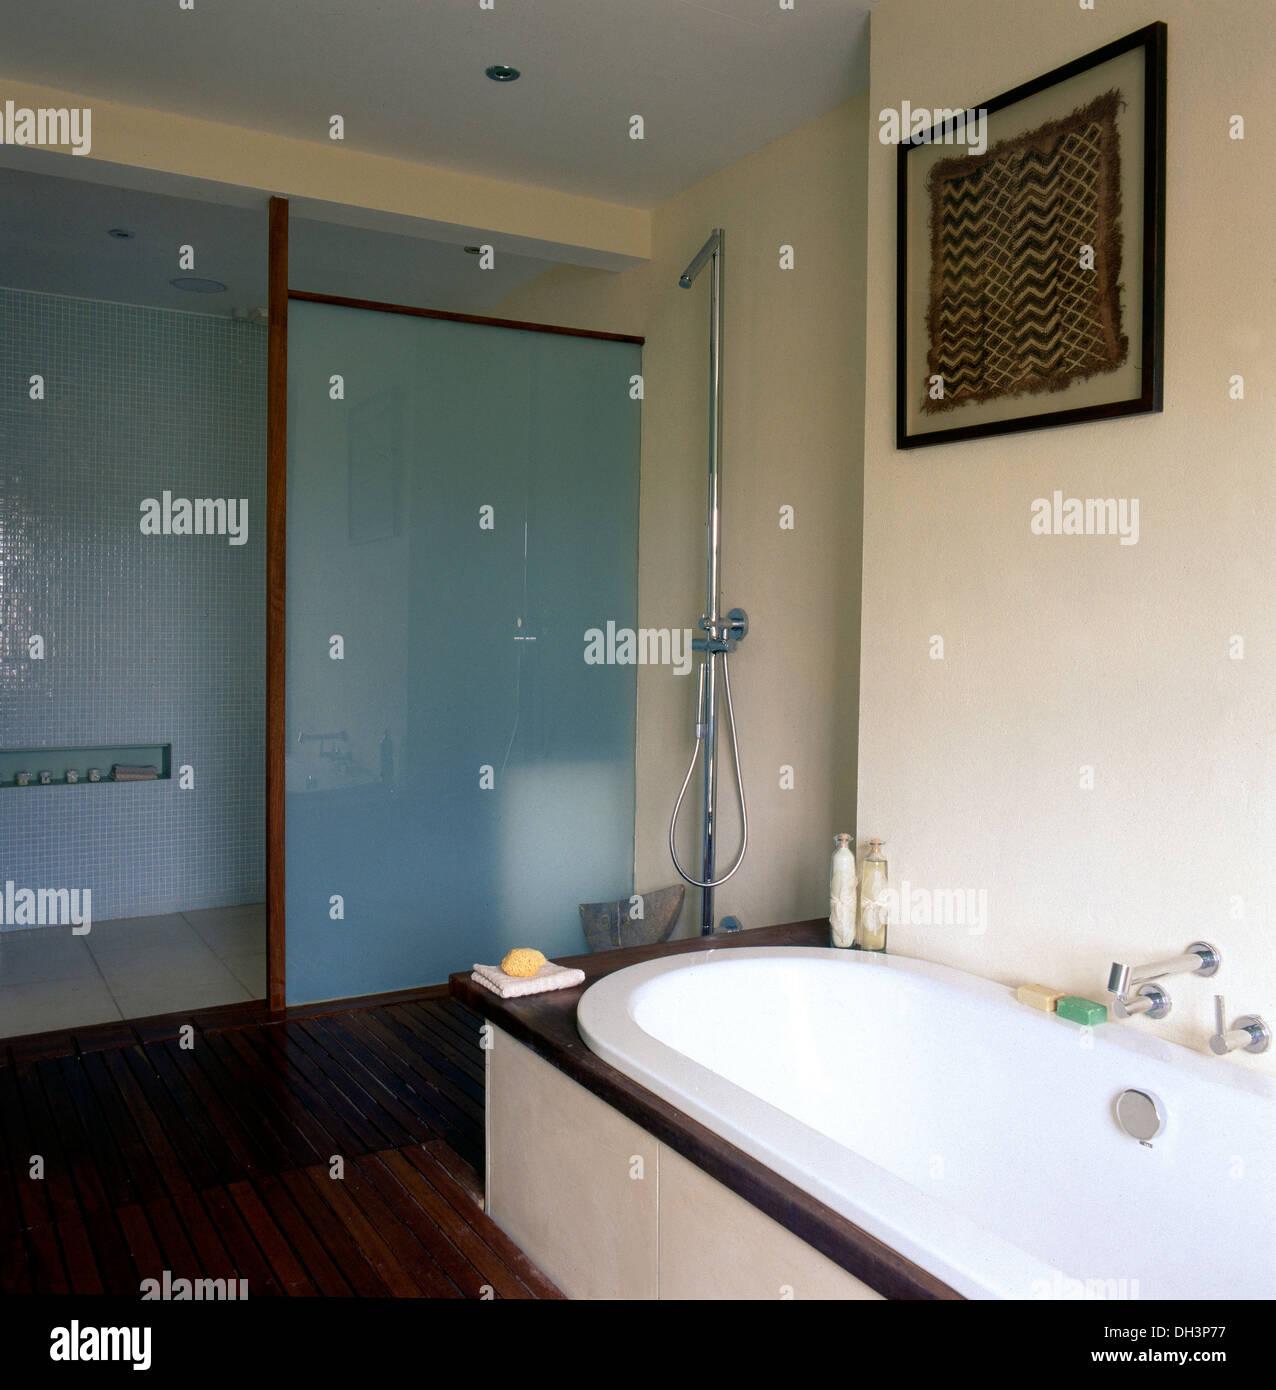 Spaziergang in Dusche und Badewanne mit gefliesten Surround ...